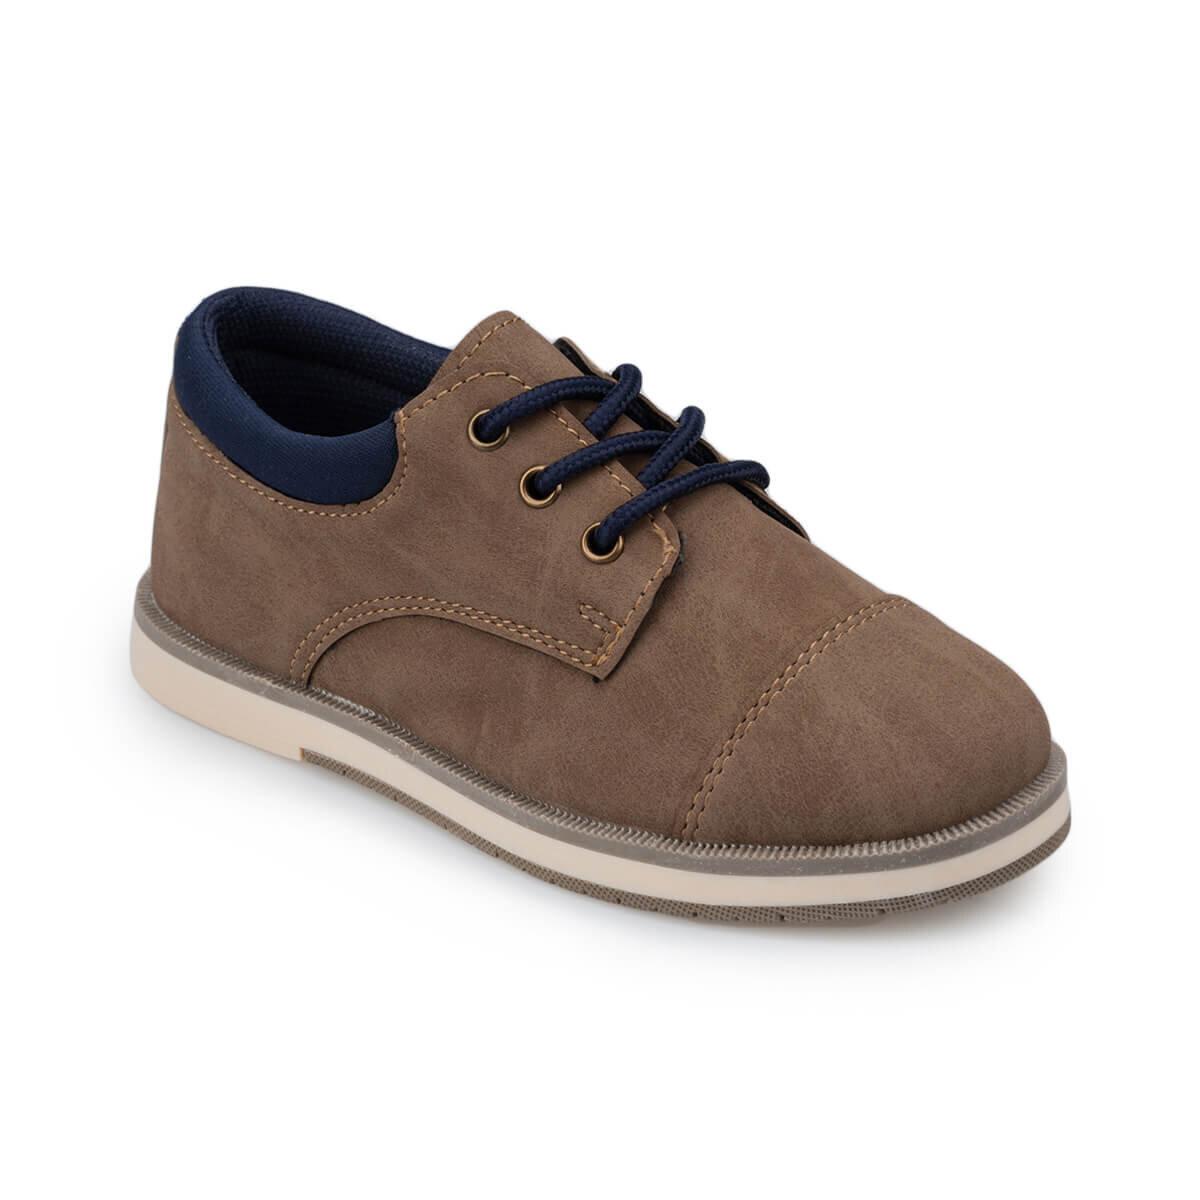 Kum Rengi Erkek Çocuk Ayakkabı